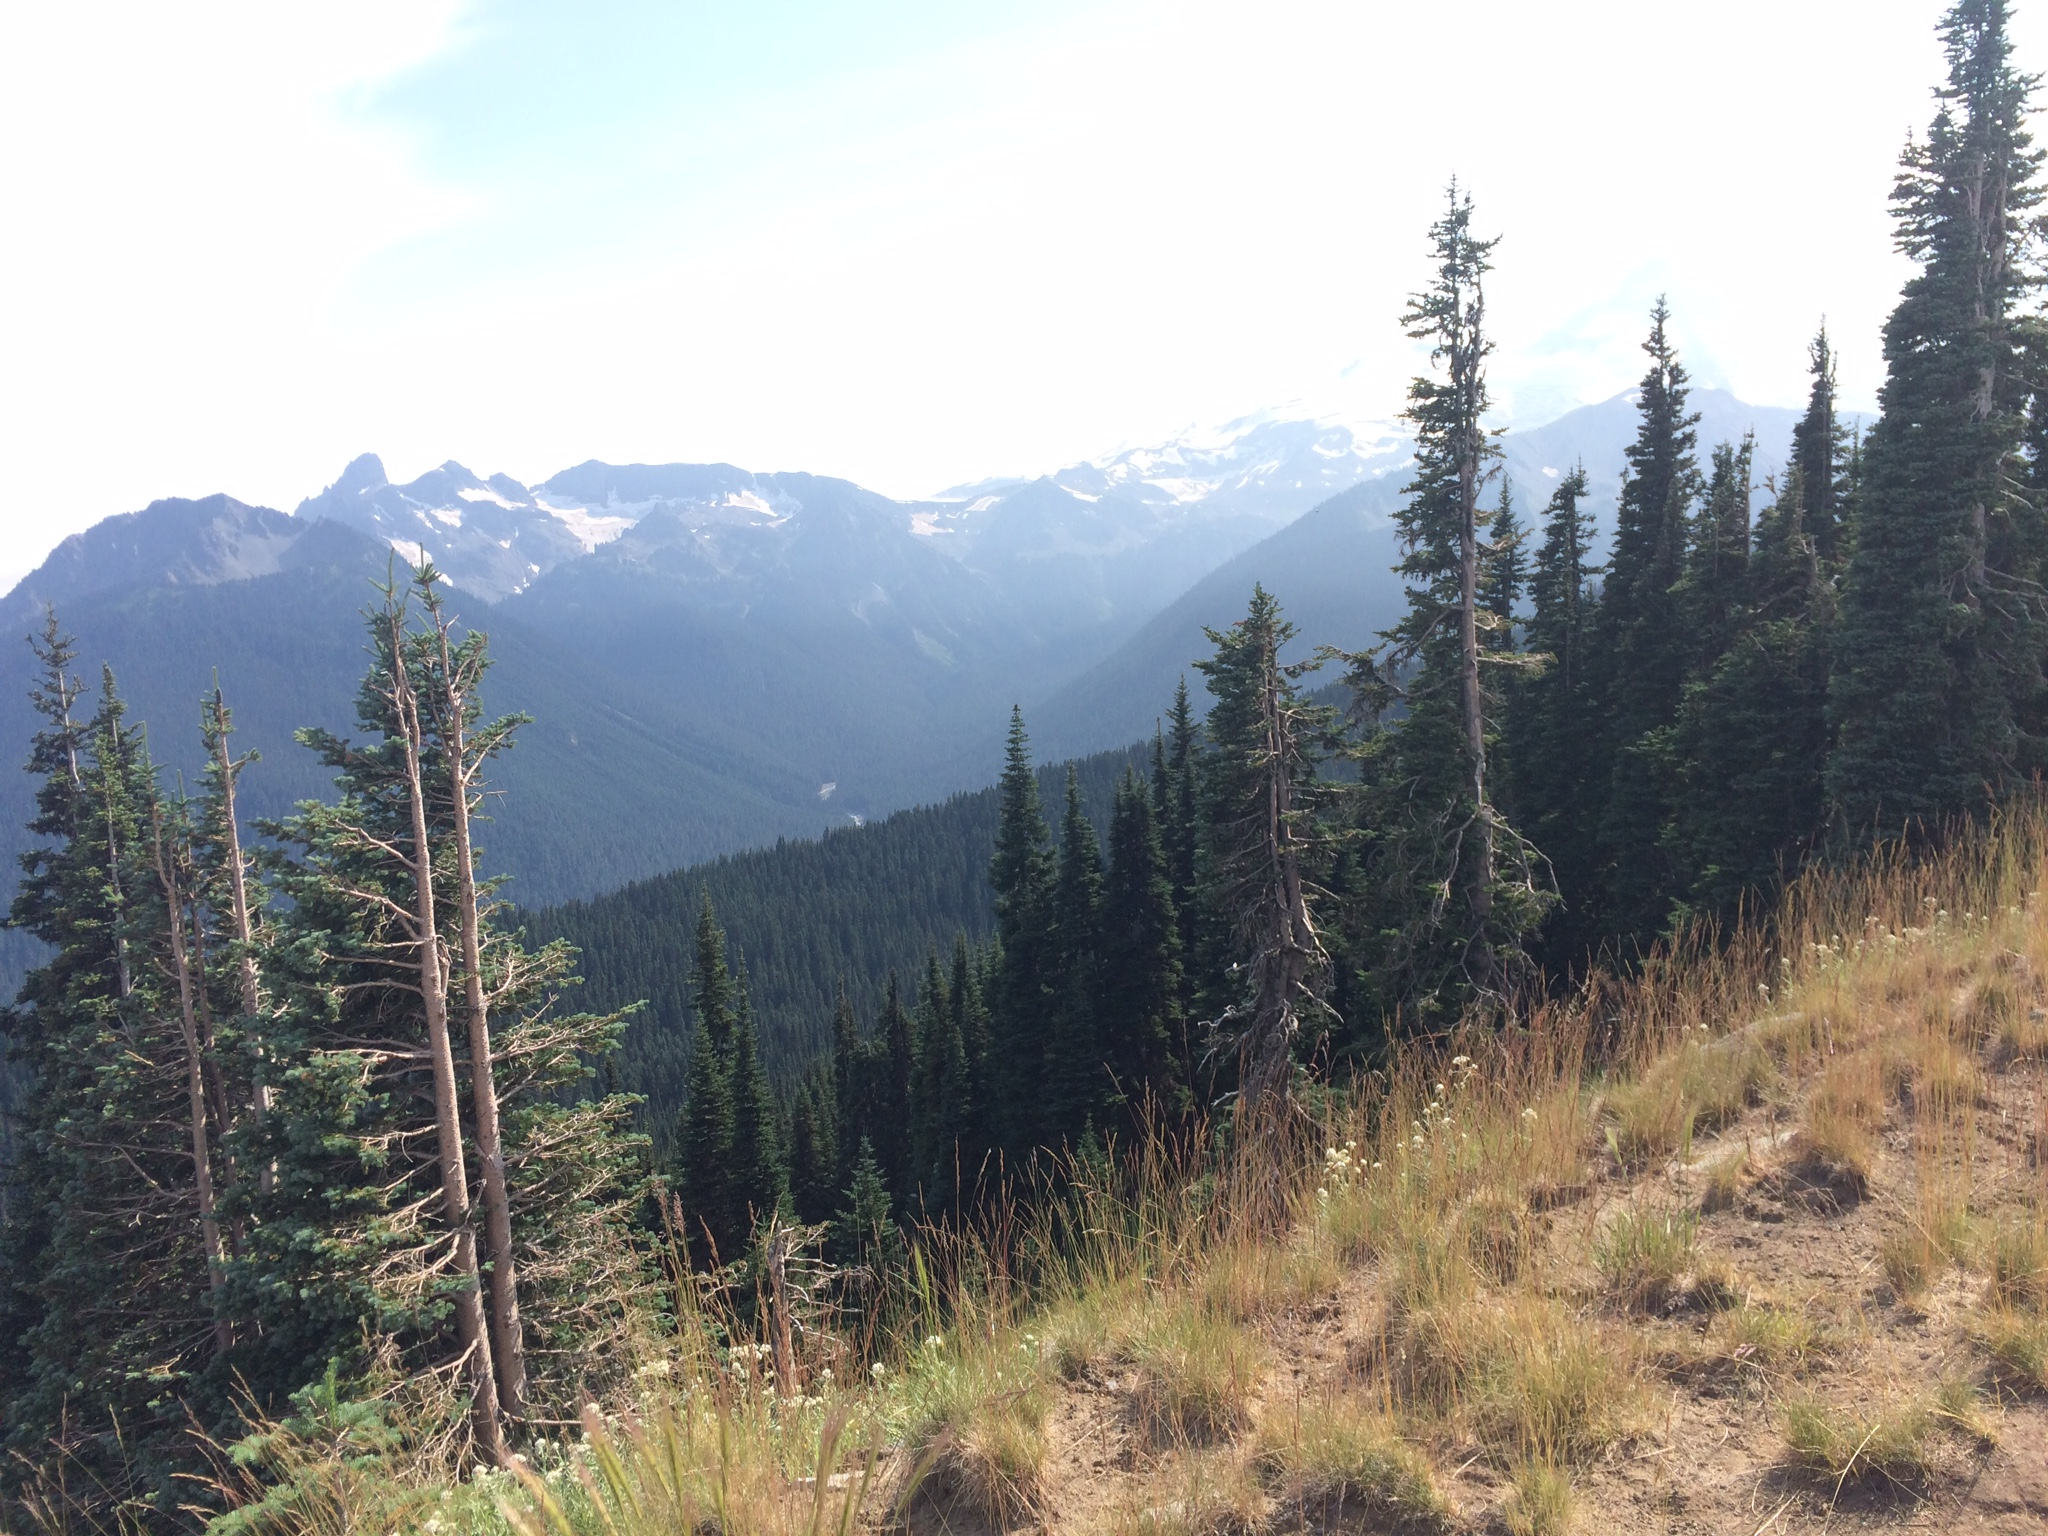 Sourdough Ridge